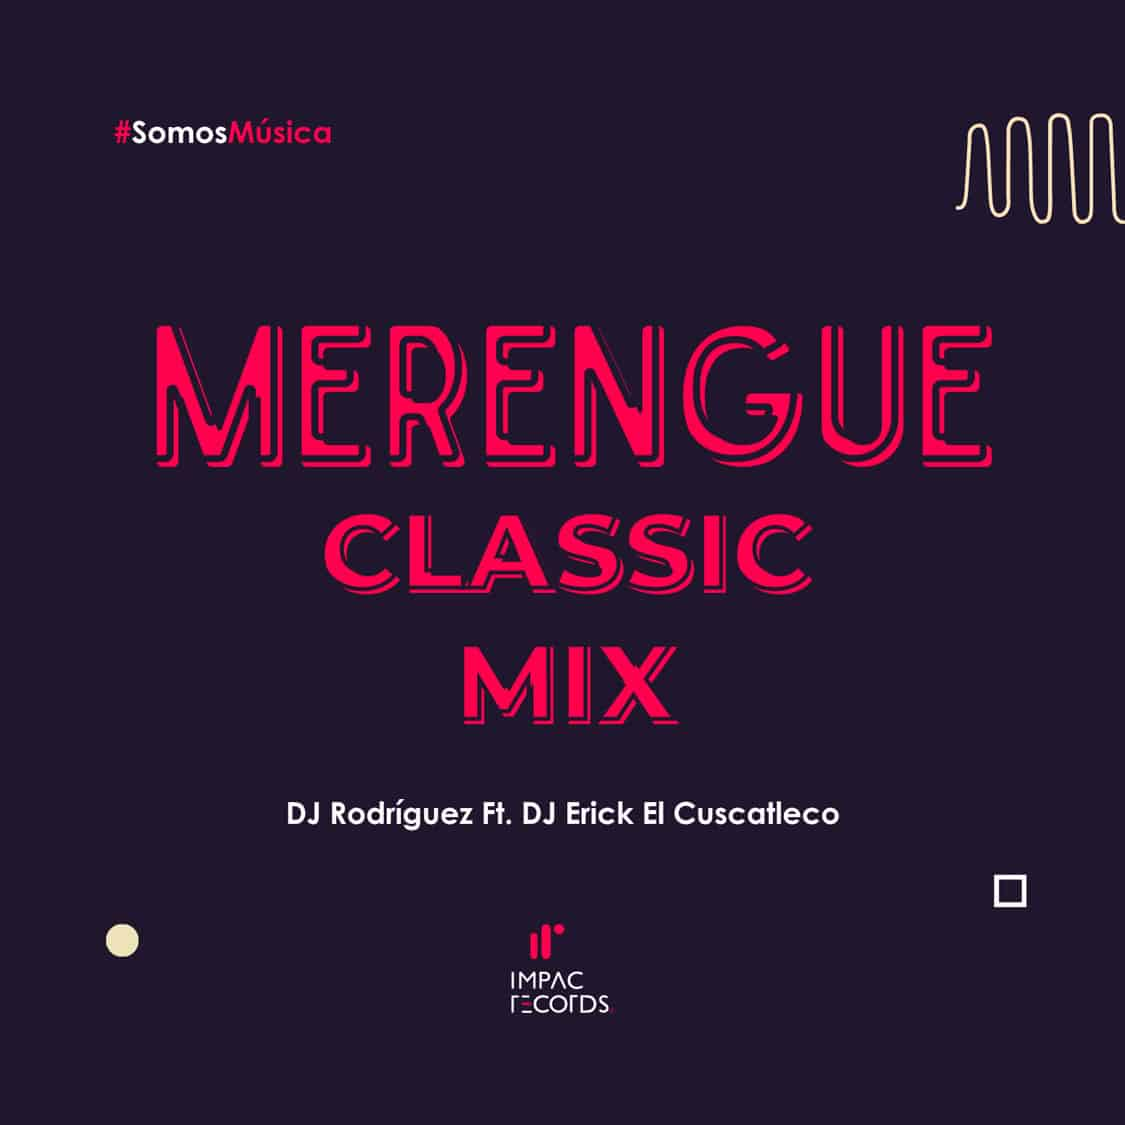 Merengue-Classic